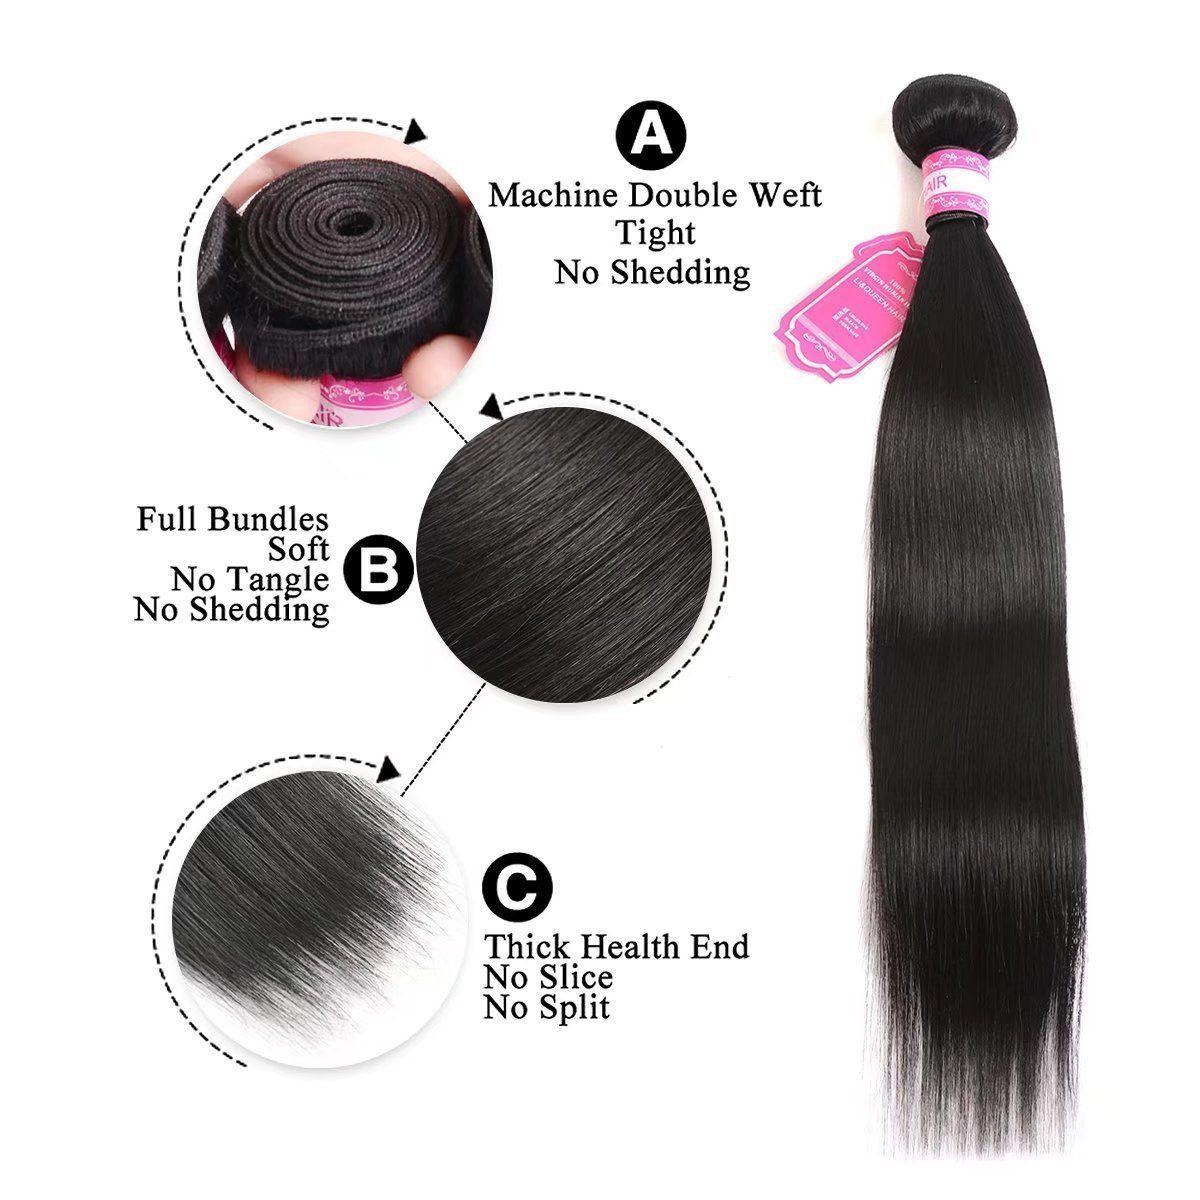 Li Queen 7a Brazilian Virgin Hair Straight Hair Bundles Mix Length 8